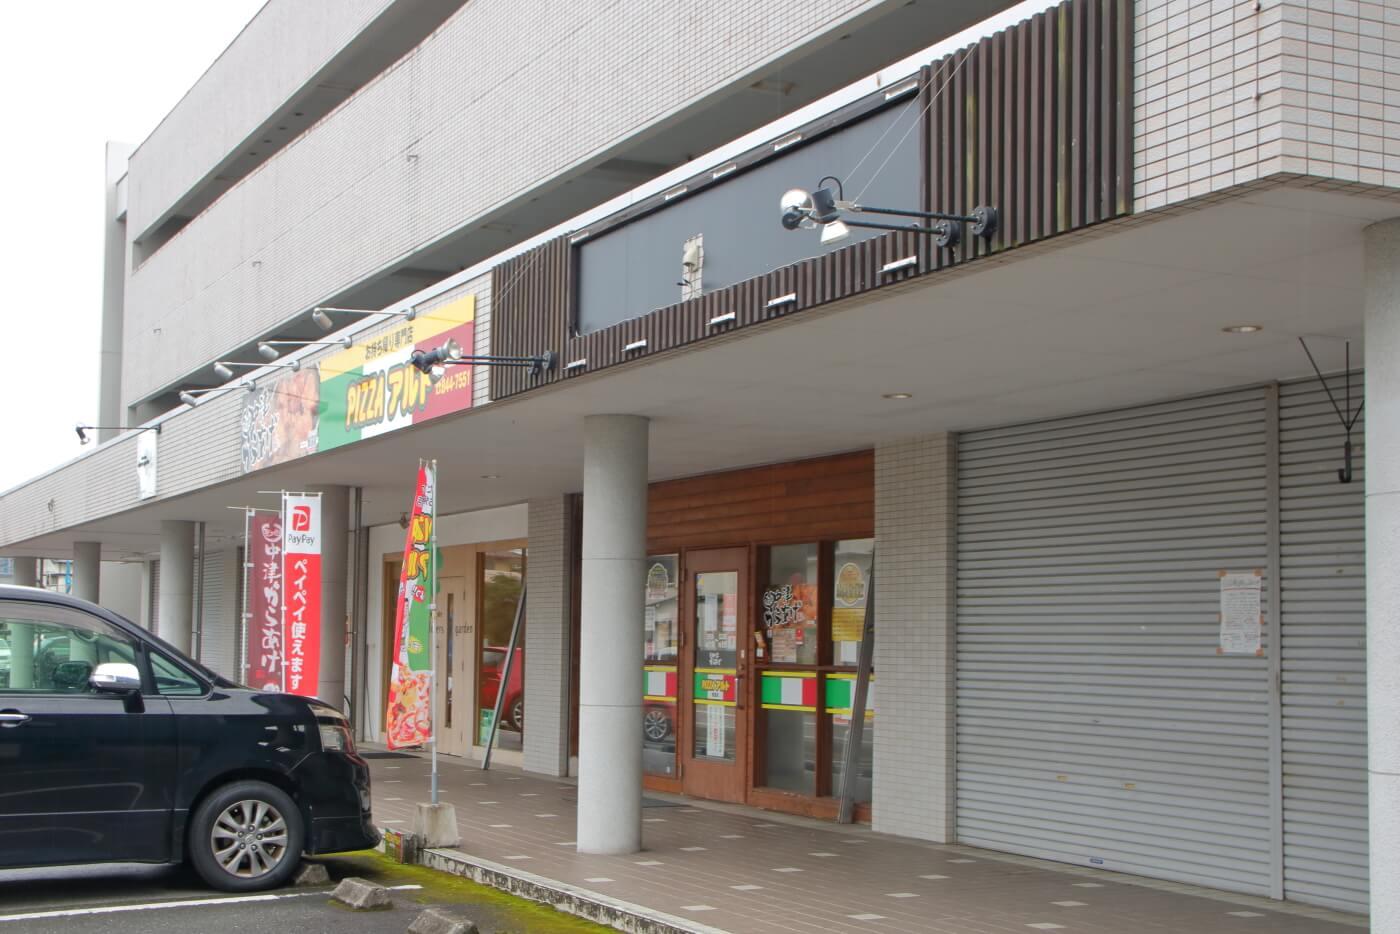 高知市朝倉のラーメン食堂あぐら家 移転にともなう閉店後の外観